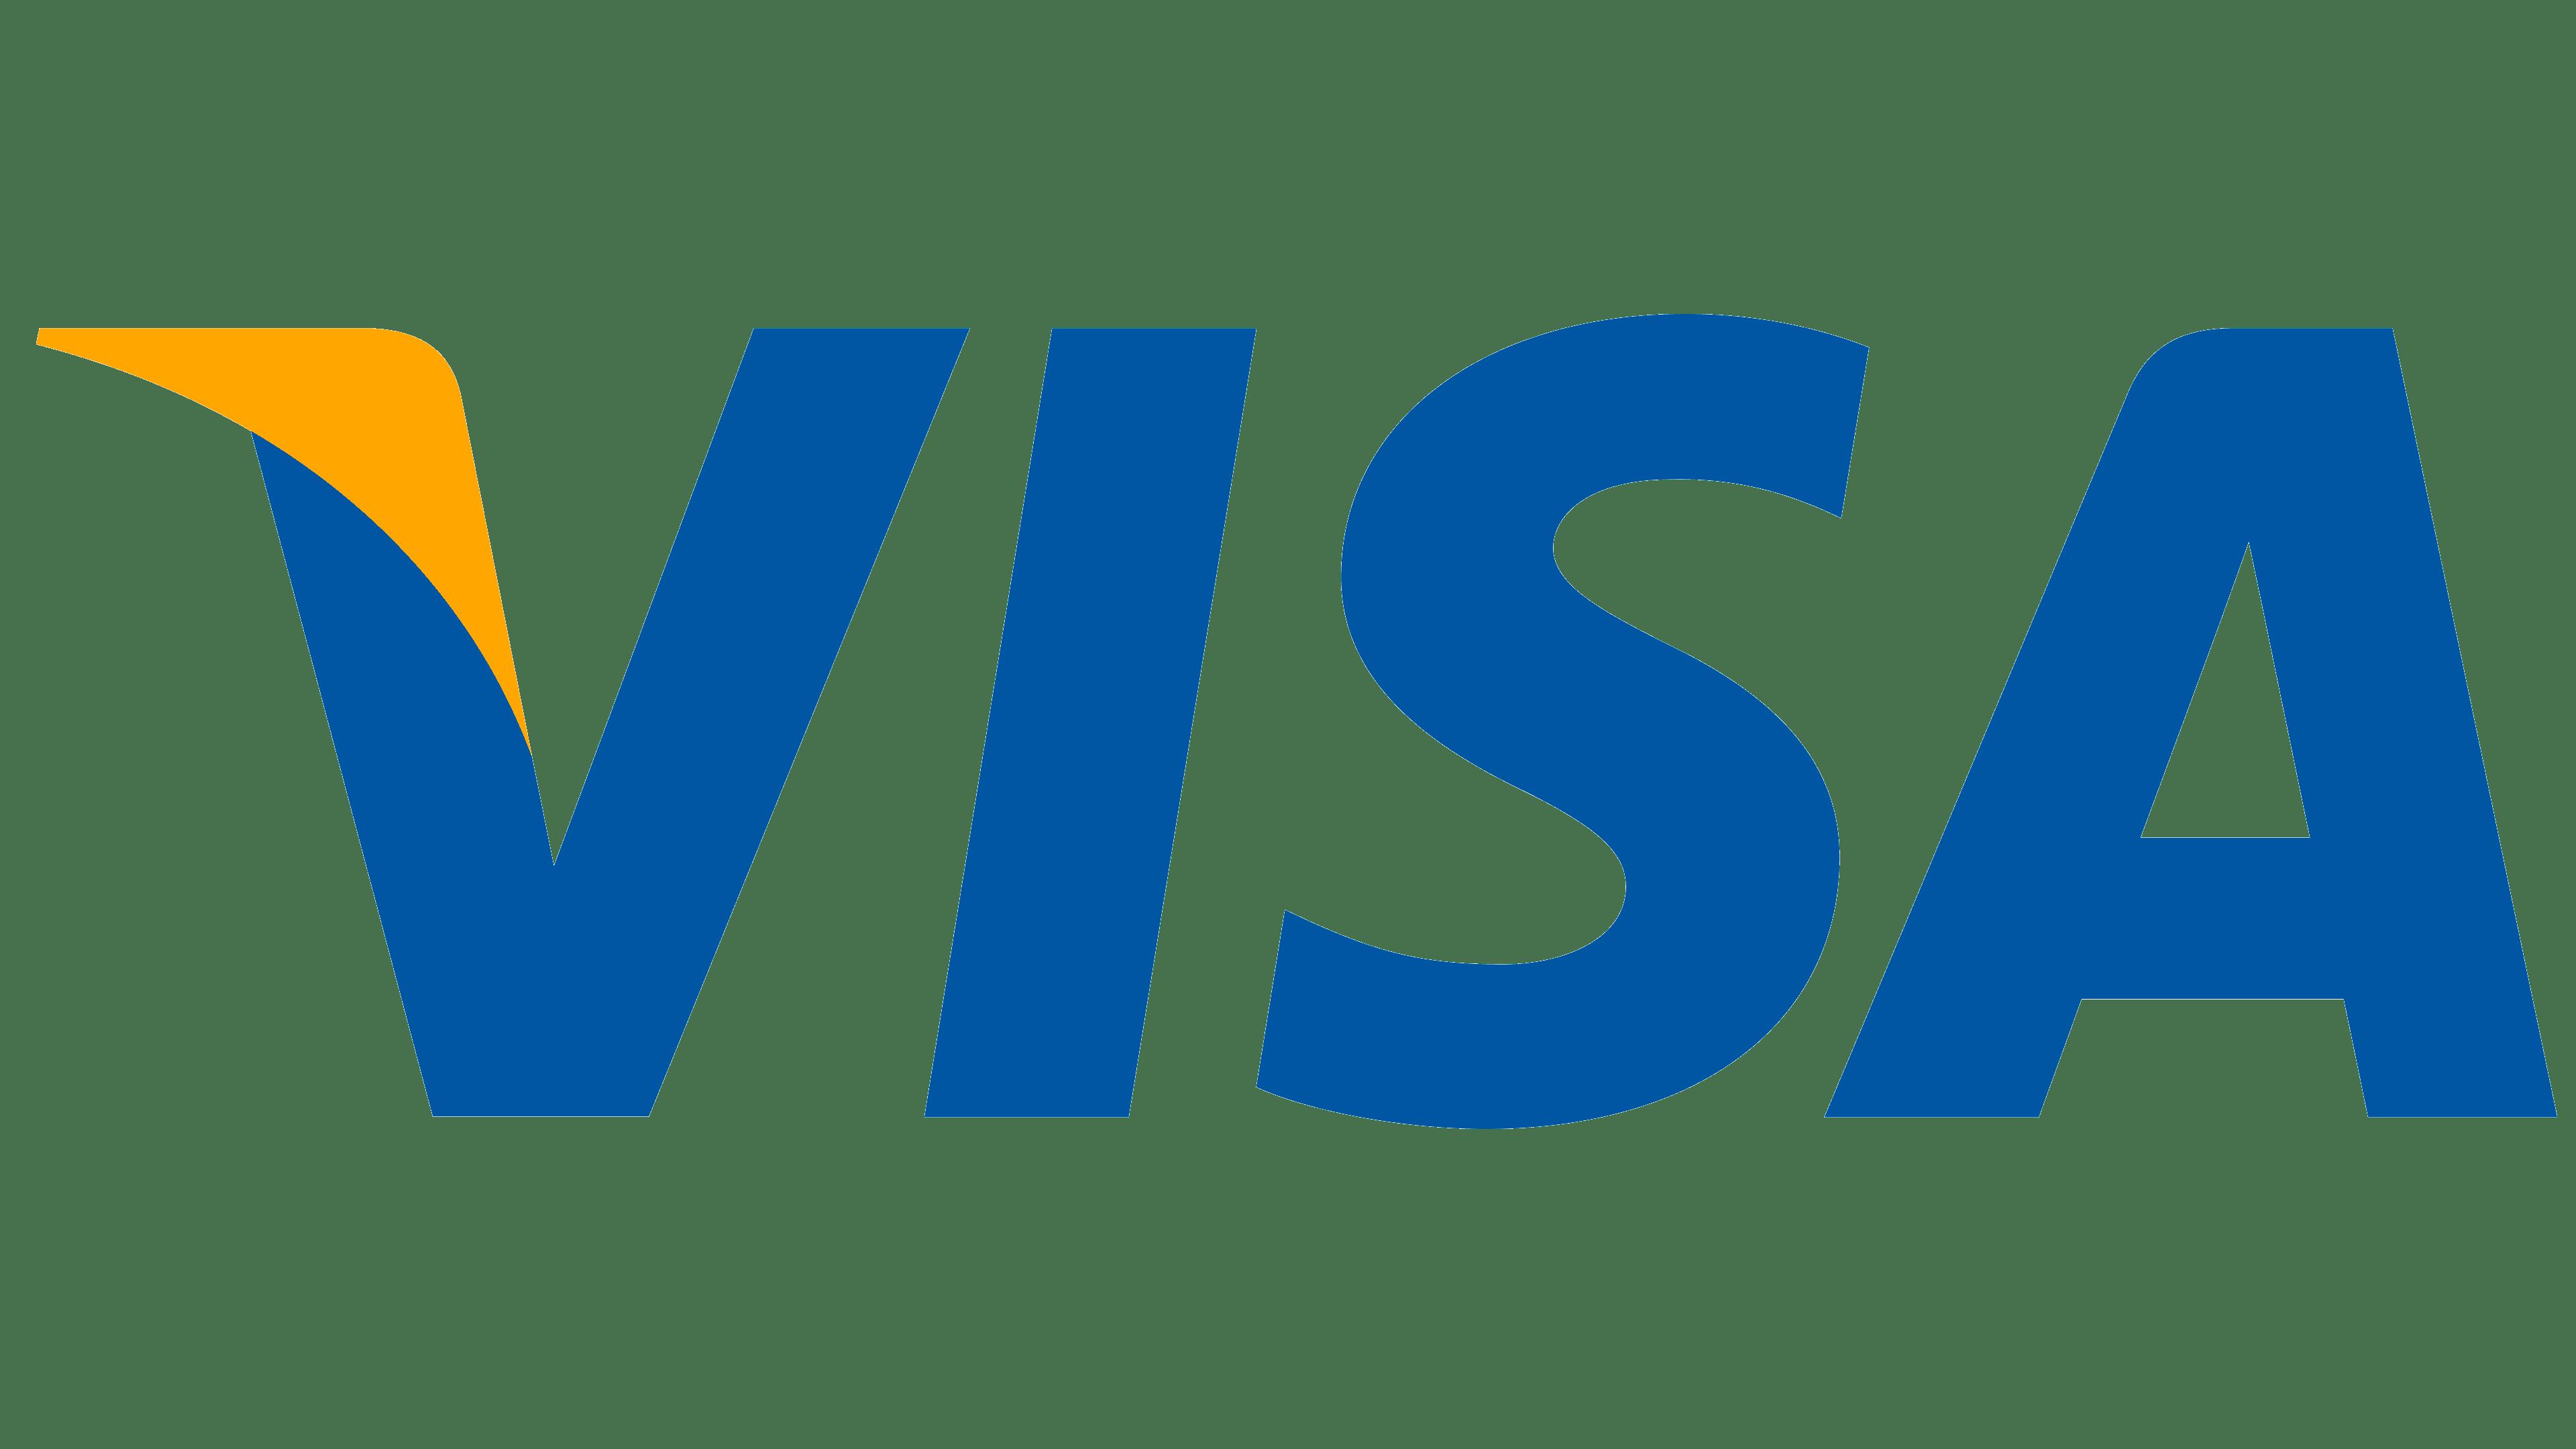 VISA Logo - 10marken: Alle Marken Logo PNG, SVG